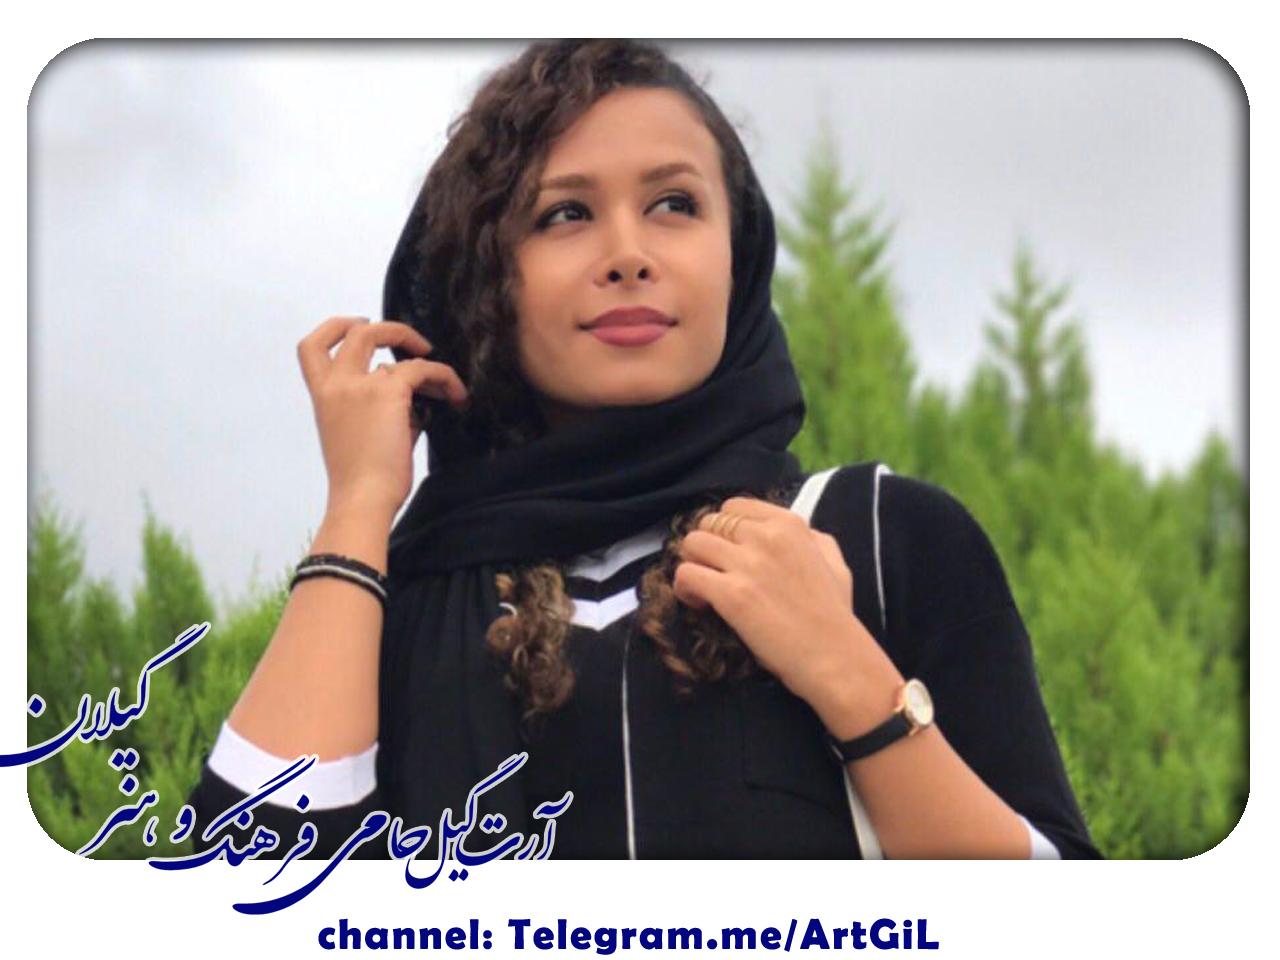 بیوگرافی الناز حسن نیا هنرمند گیلانی